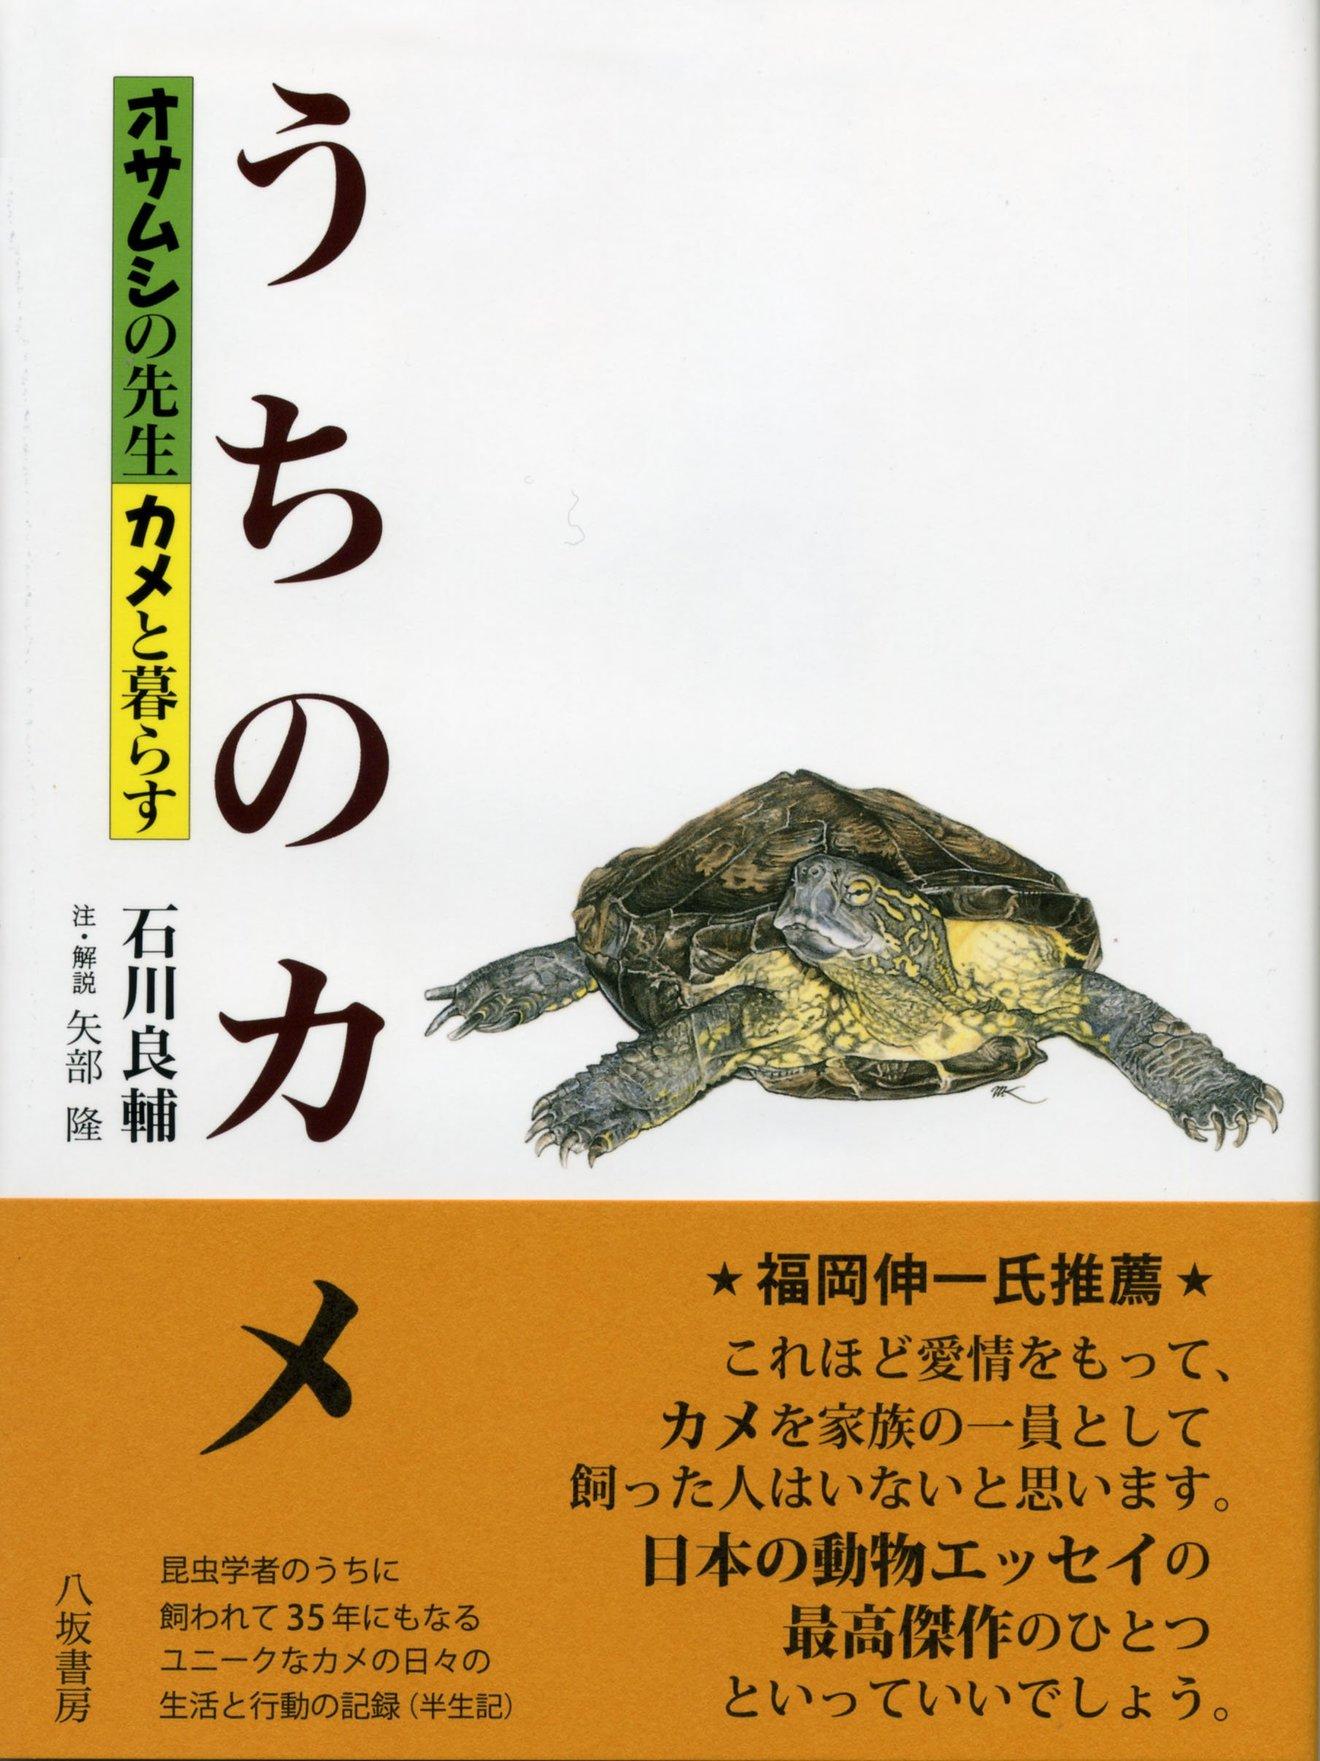 カメの飼育の基本を紹介!餌やりの仕方から、おすすめの本まで